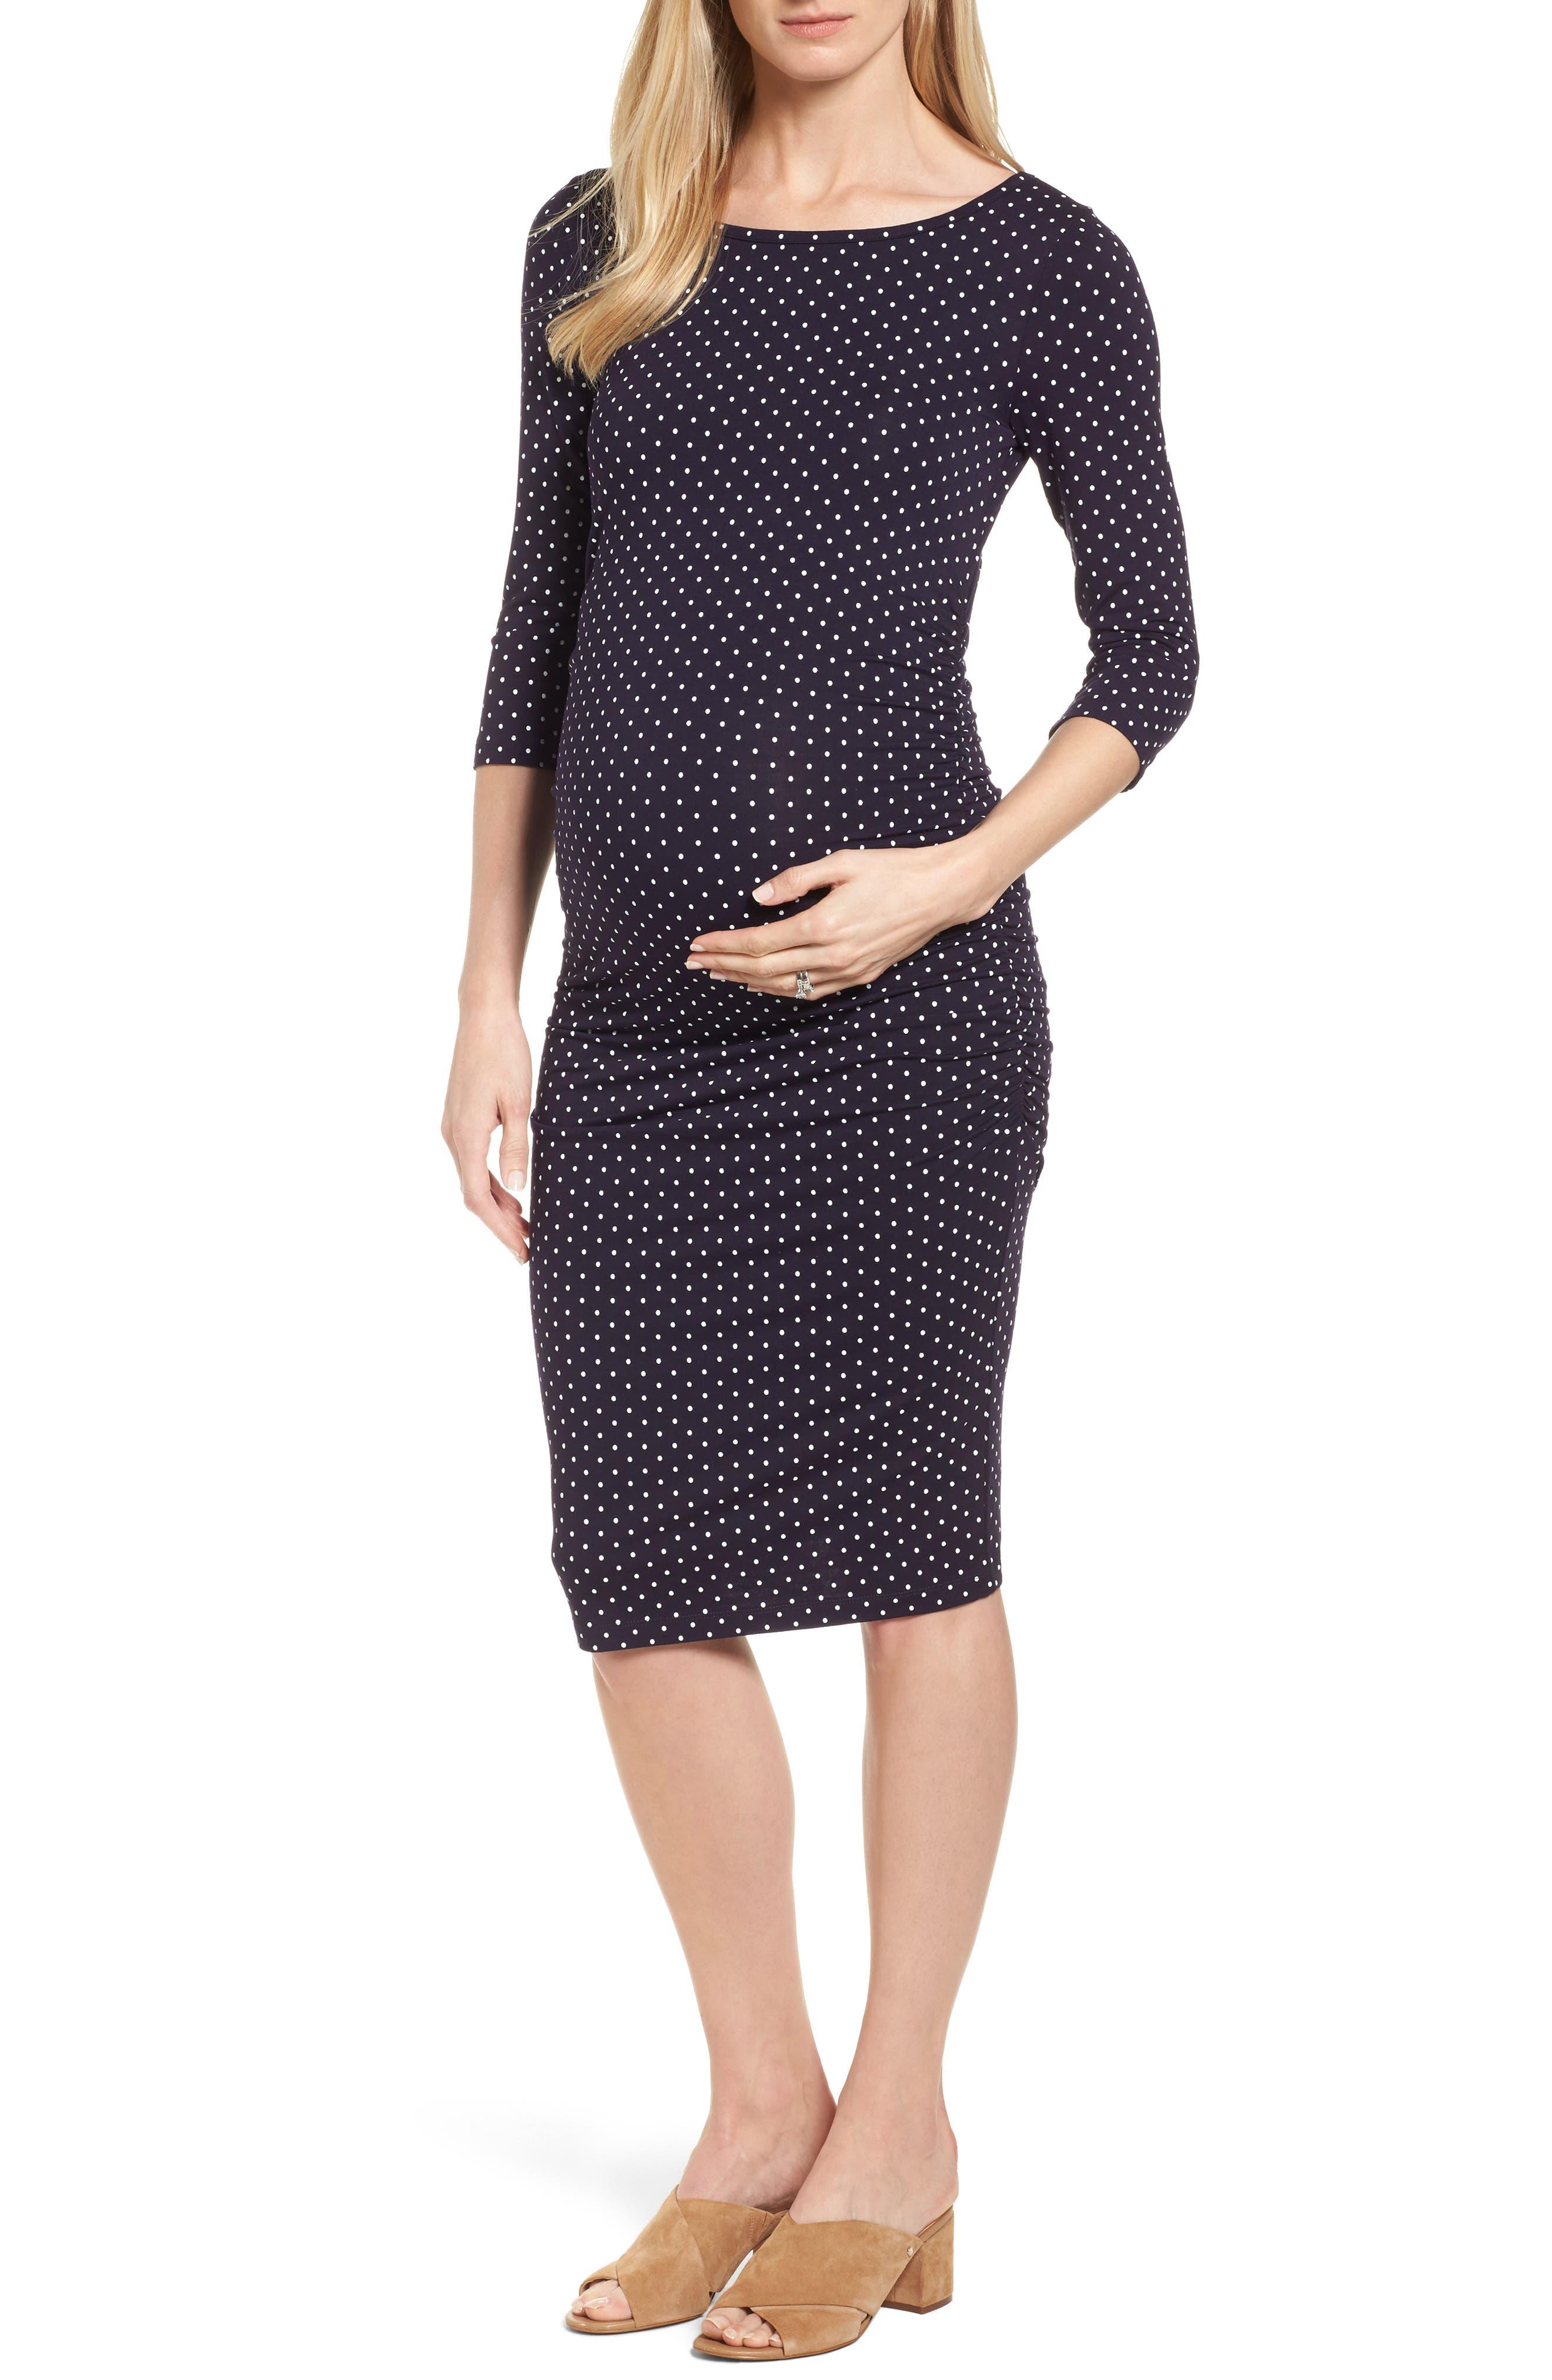 Alternate Image 1 Selected - Isabella Oliver Jennifer Dot Ruched Maternity Dress